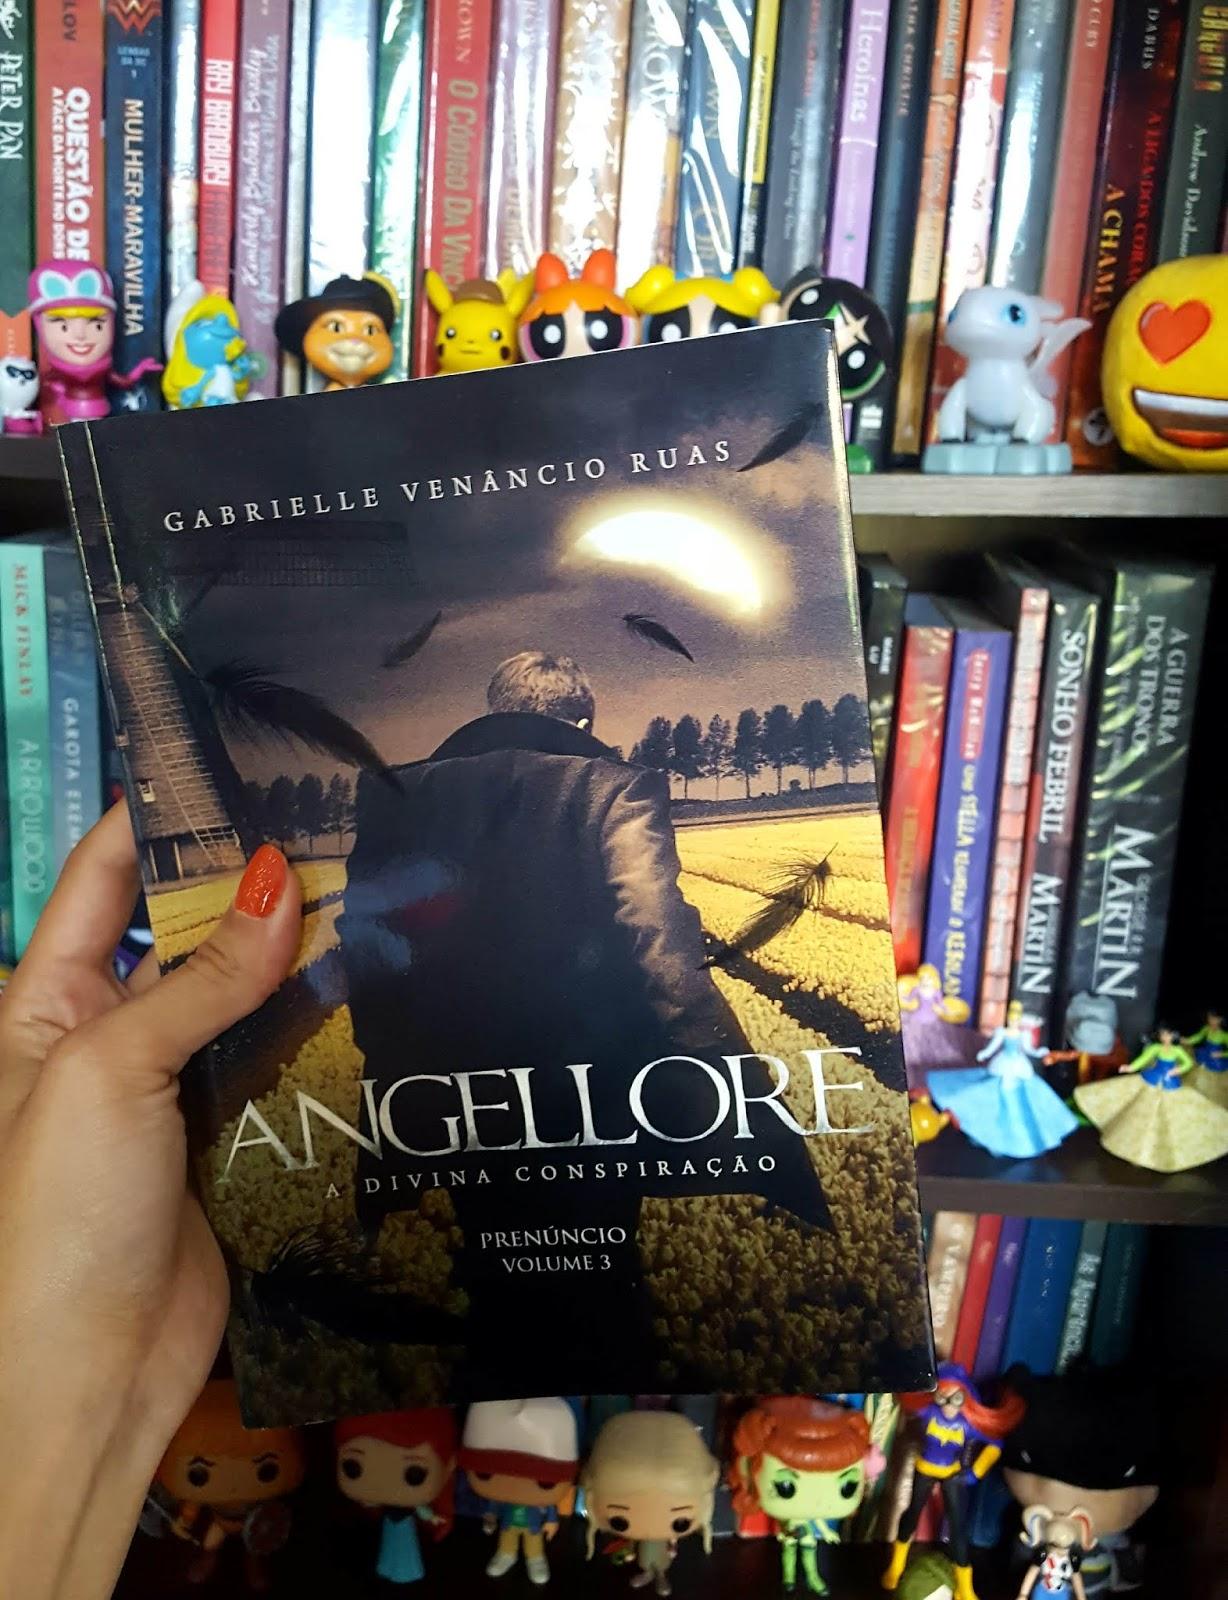 Angellore - A divina conspiração